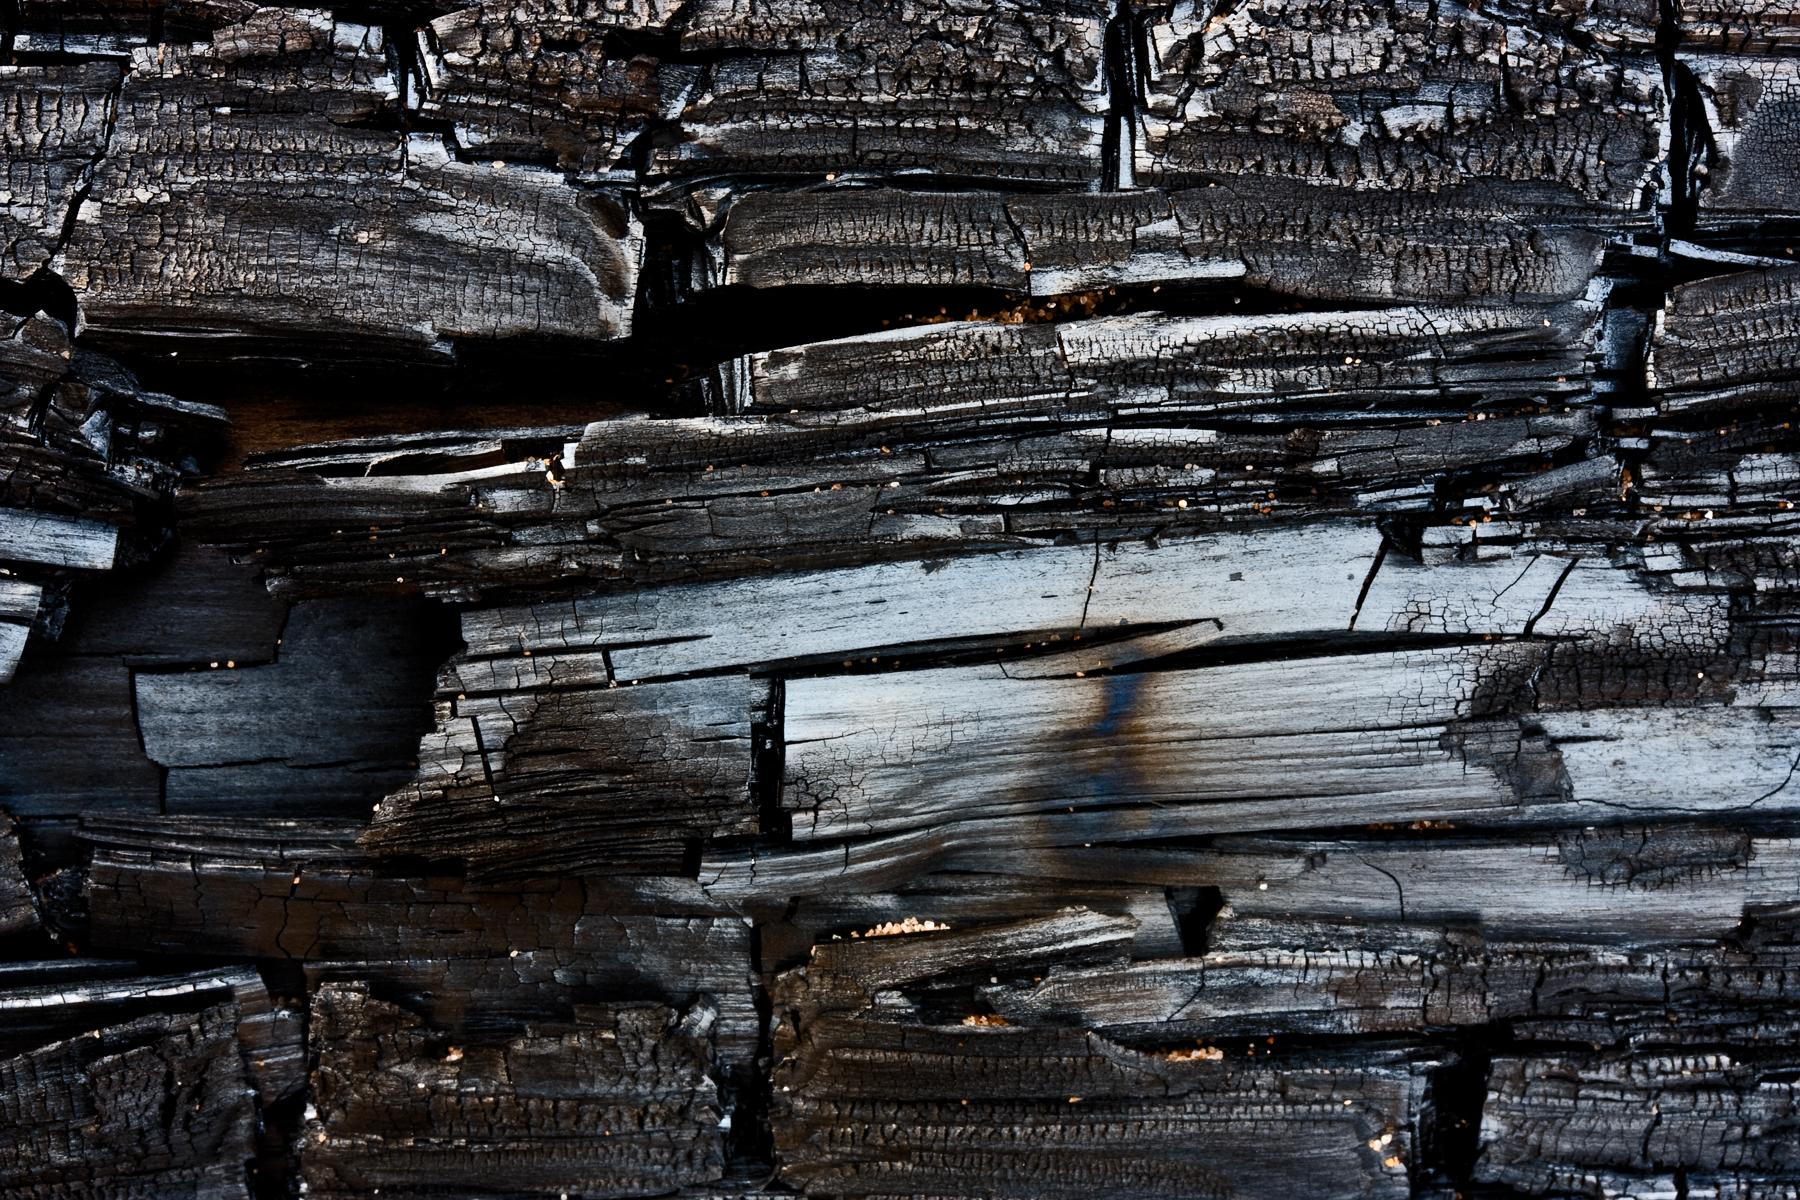 Charred Wood Texture, Backdrop, Somadjinn, Natural, Nature, HQ Photo